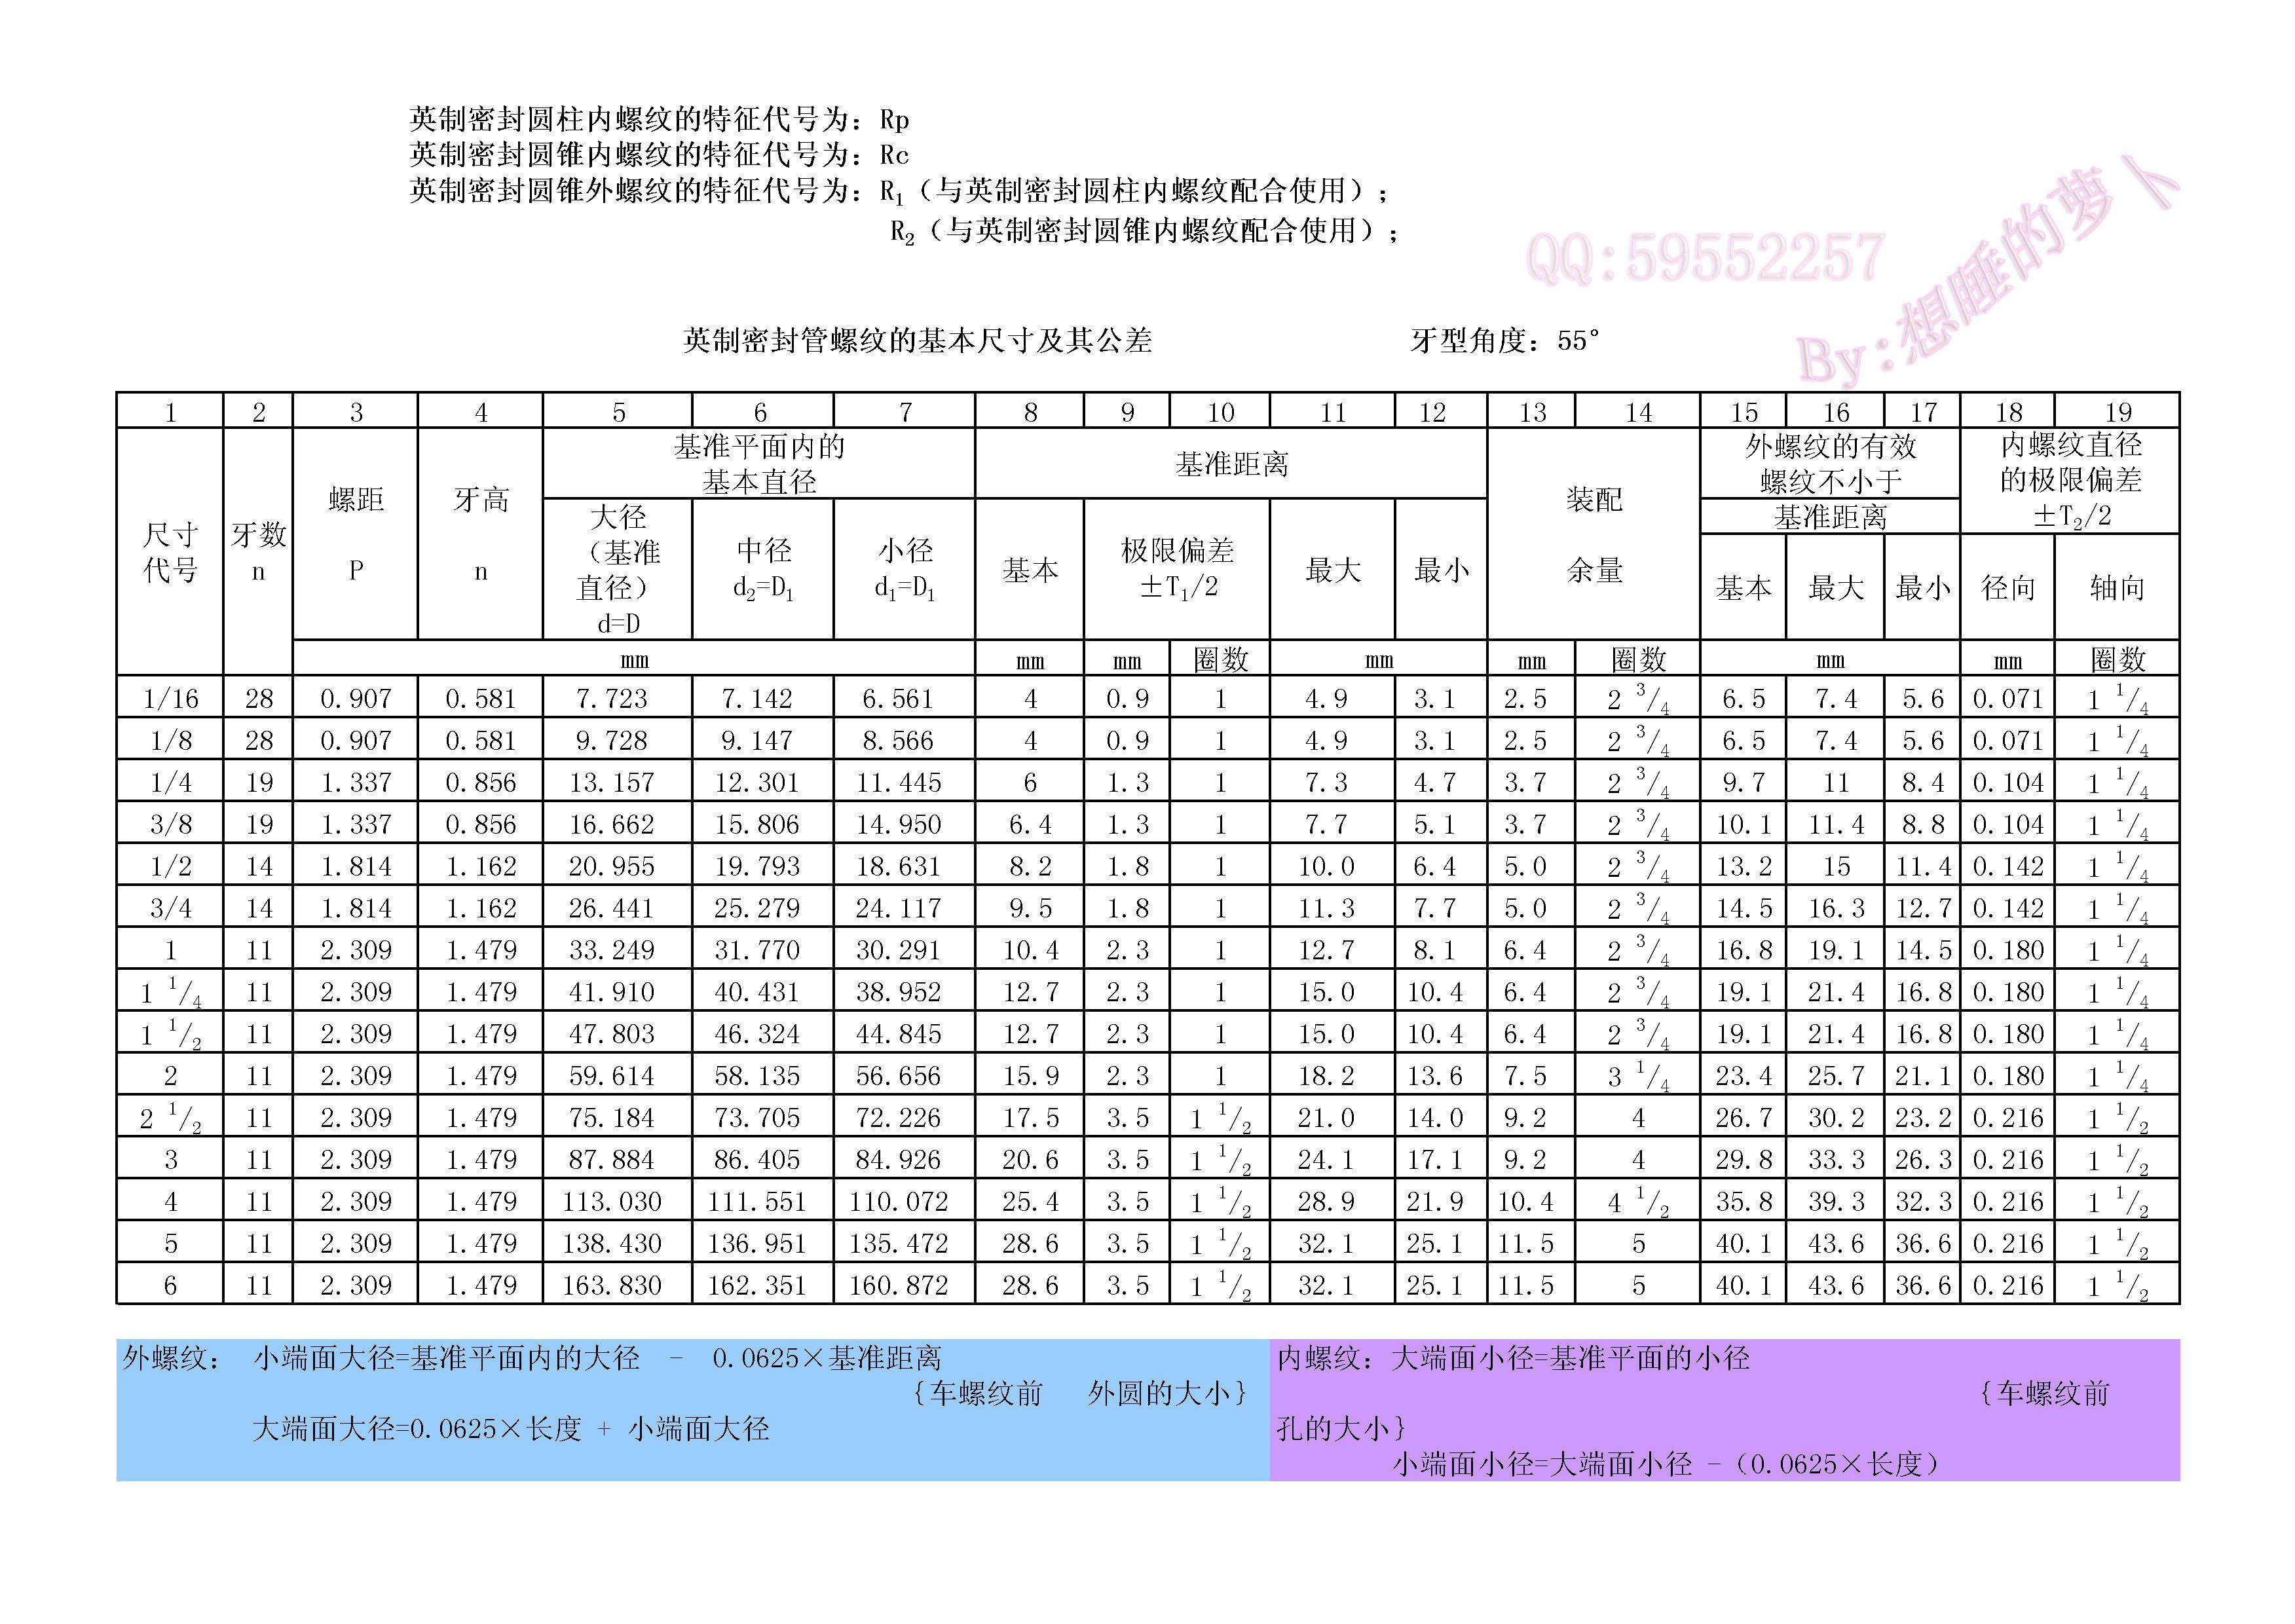 本回答被网友采纳  jinhf2007   推荐于2017-11-26 06:04:33  评论